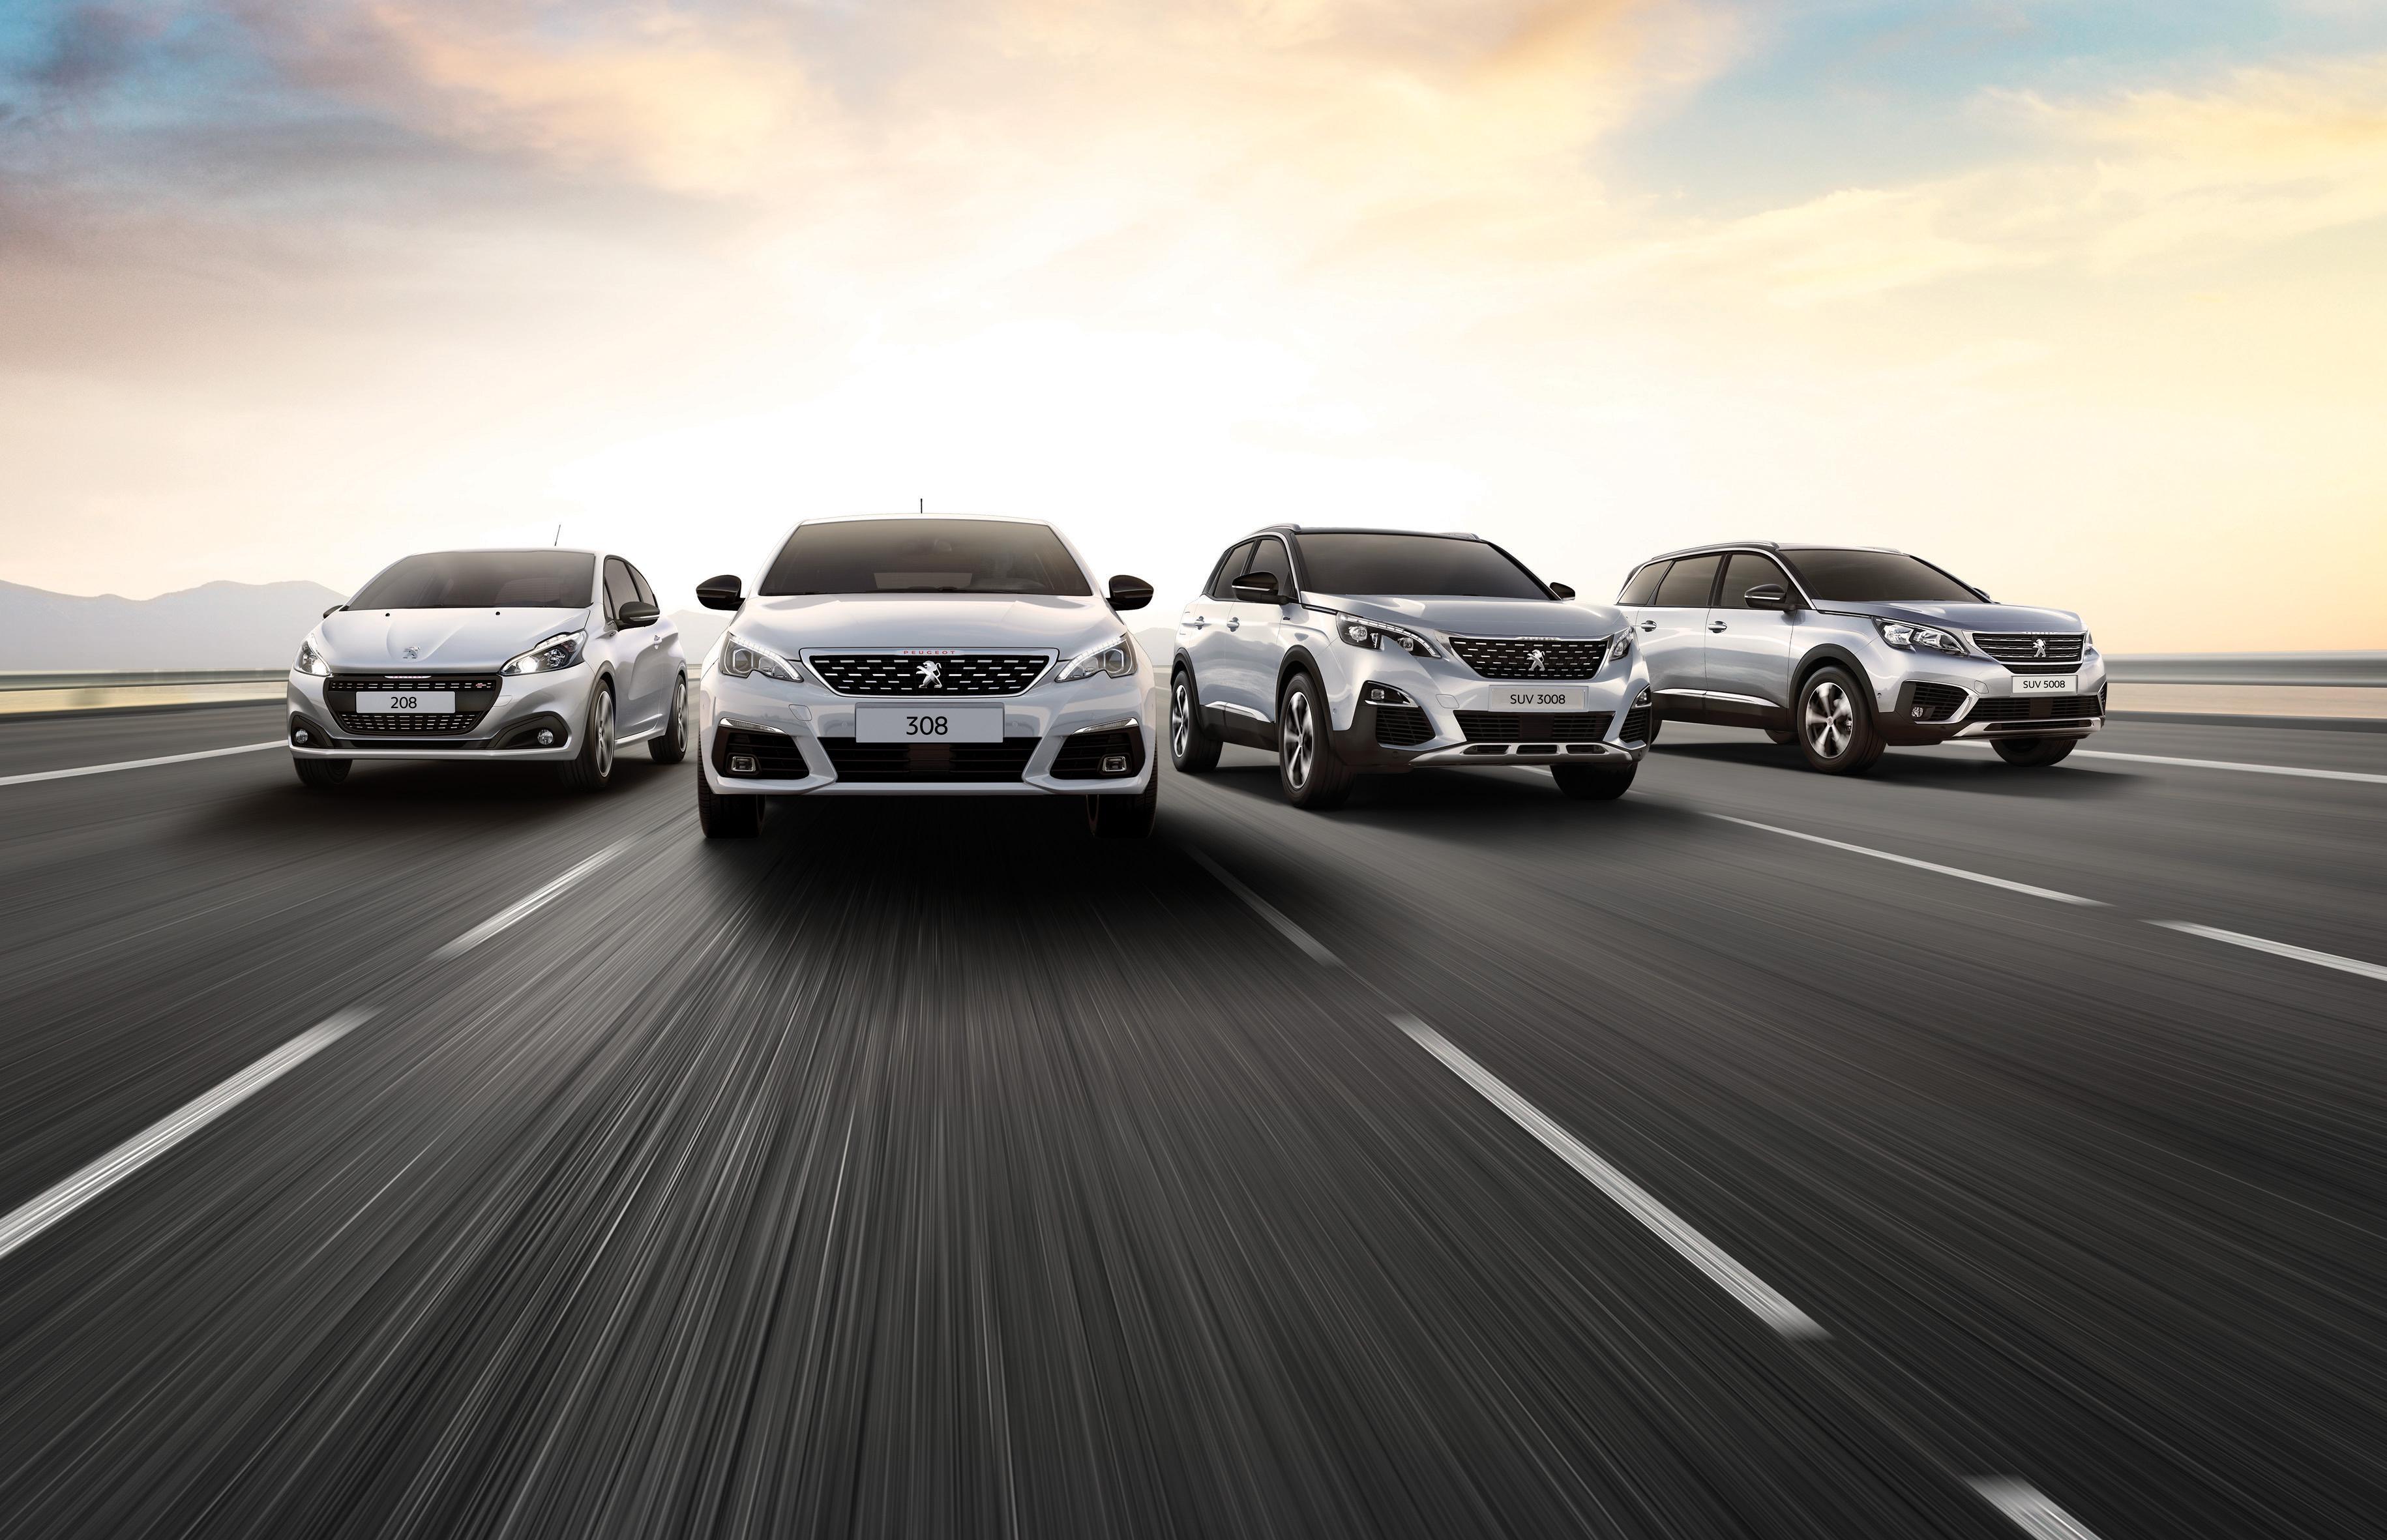 Peugeot'da daha az ÖTV daha fazla avantaj devam ediyor!